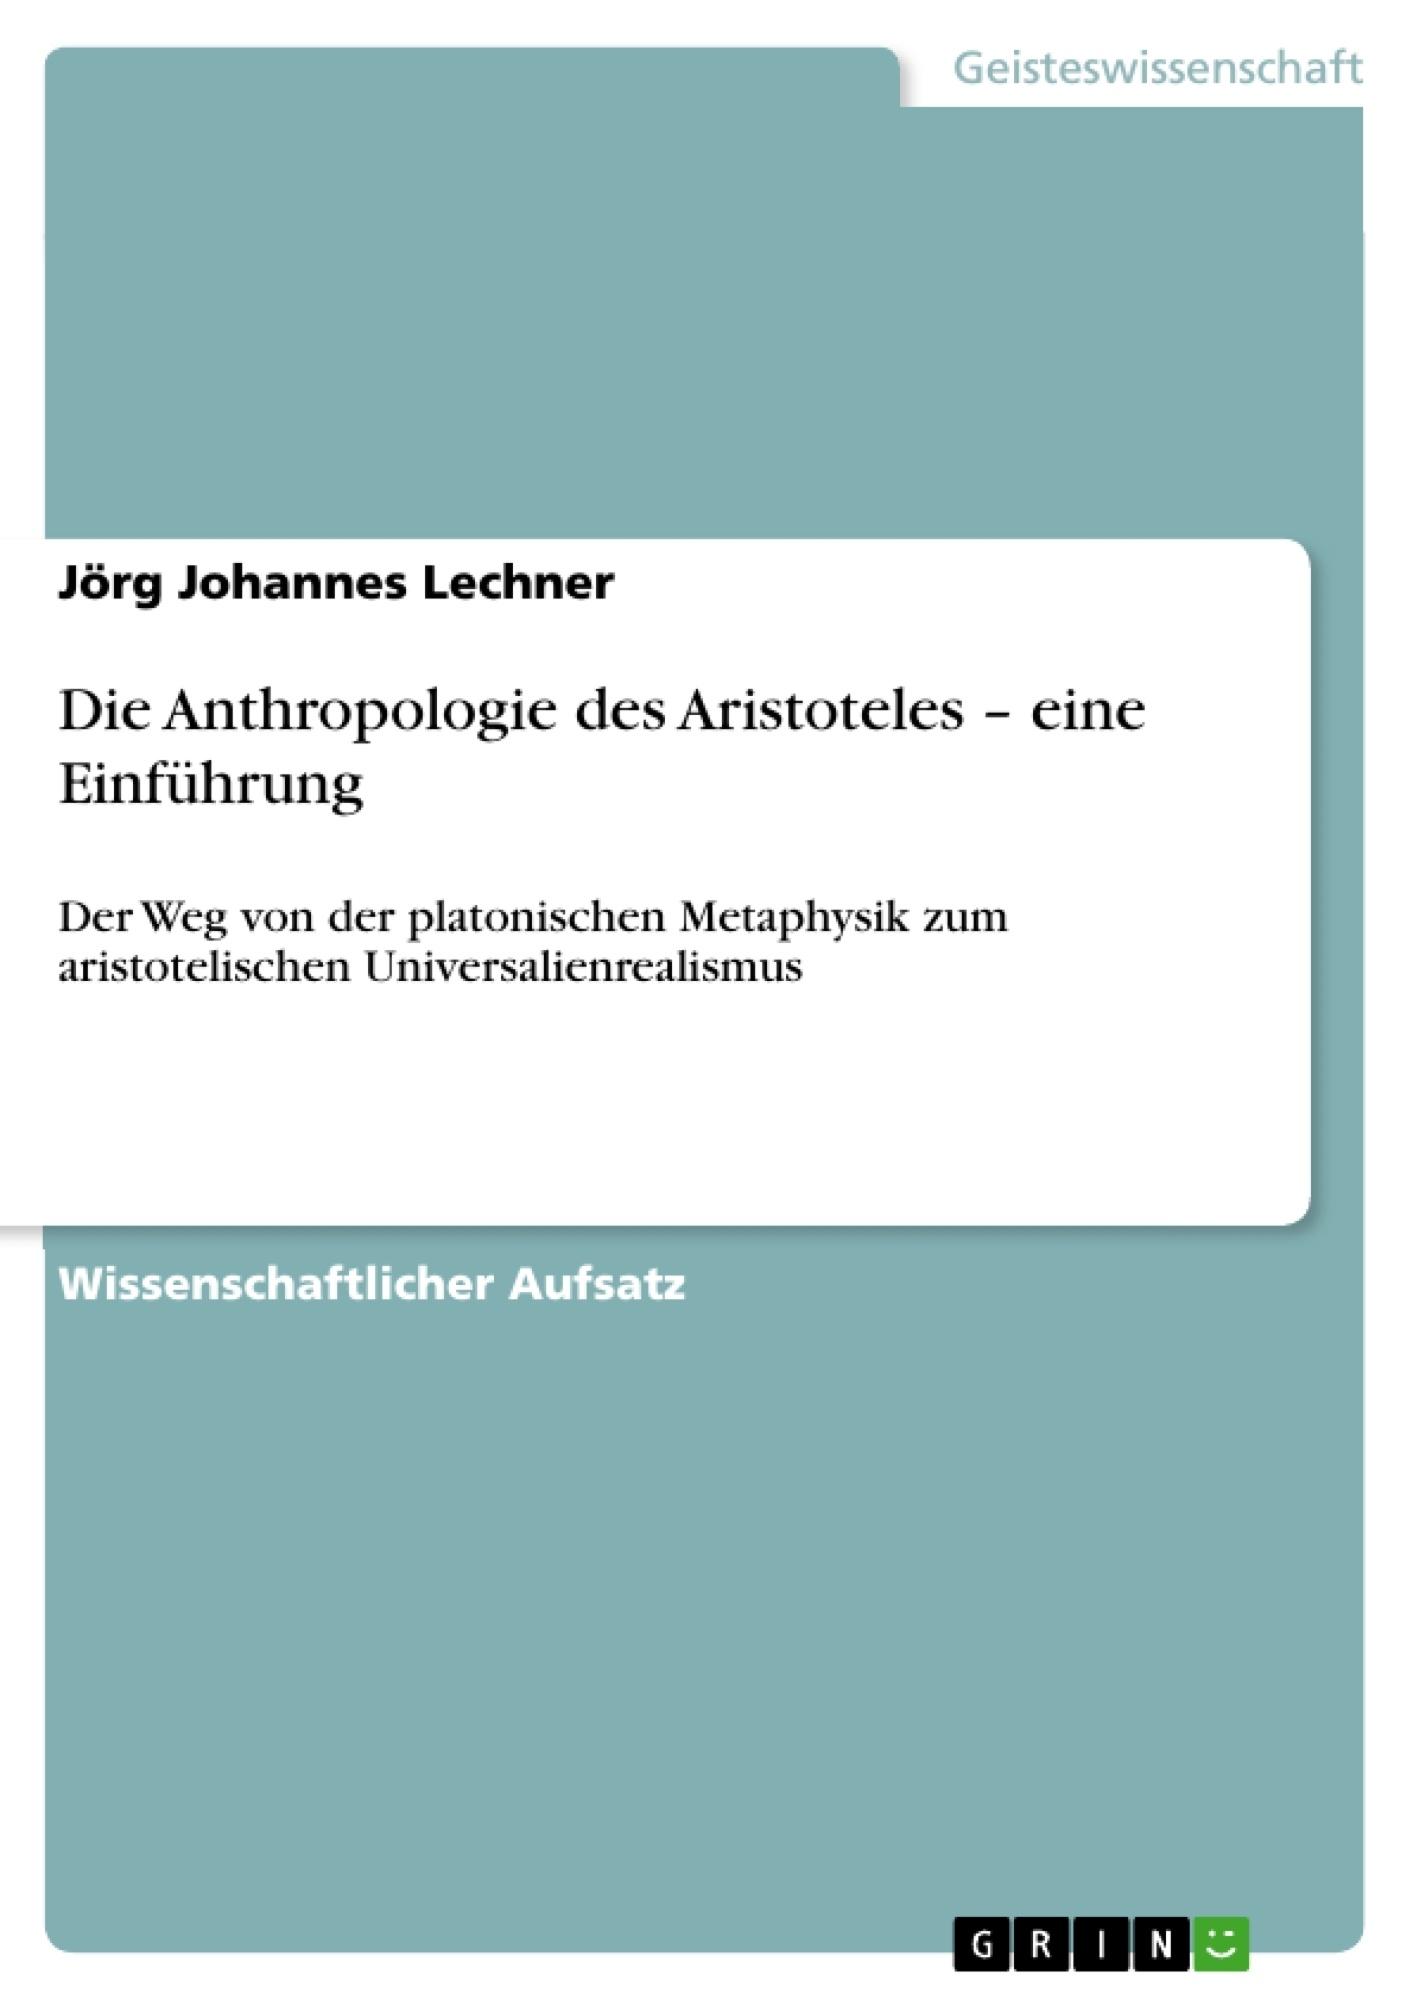 Titel: Die Anthropologie des Aristoteles – eine Einführung